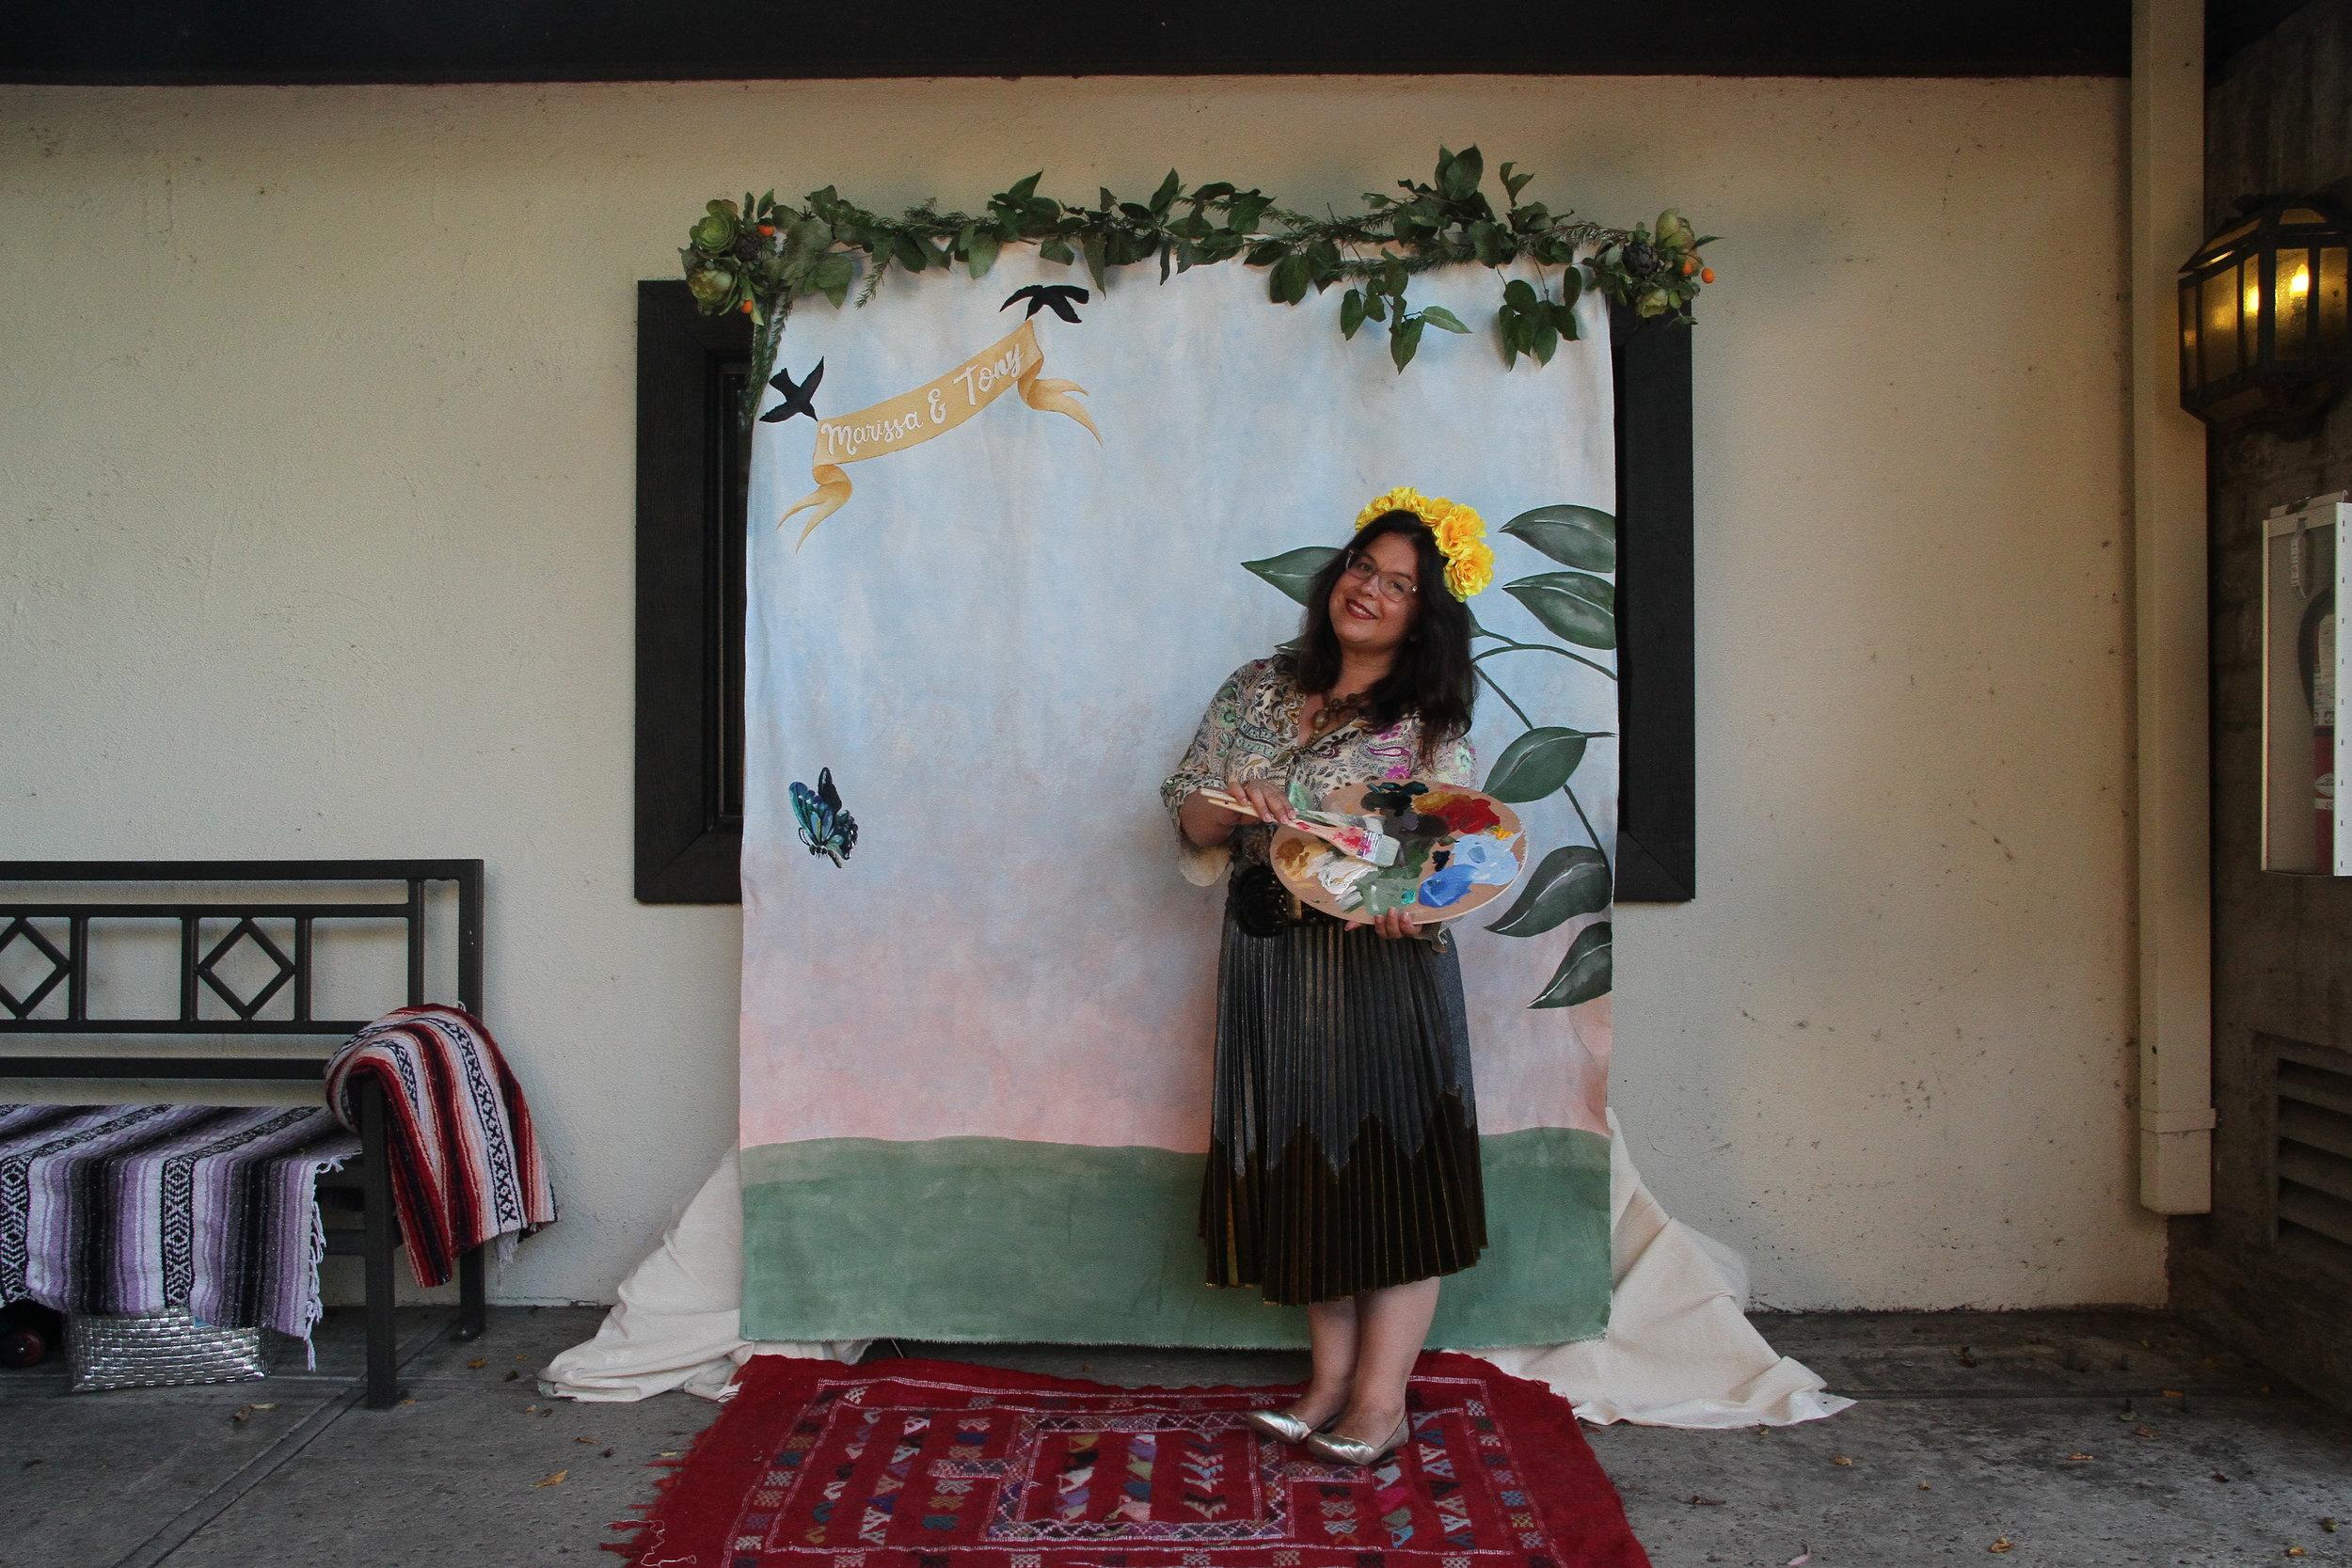 - DIY Photobooth - Frida Khalo Style Wedding